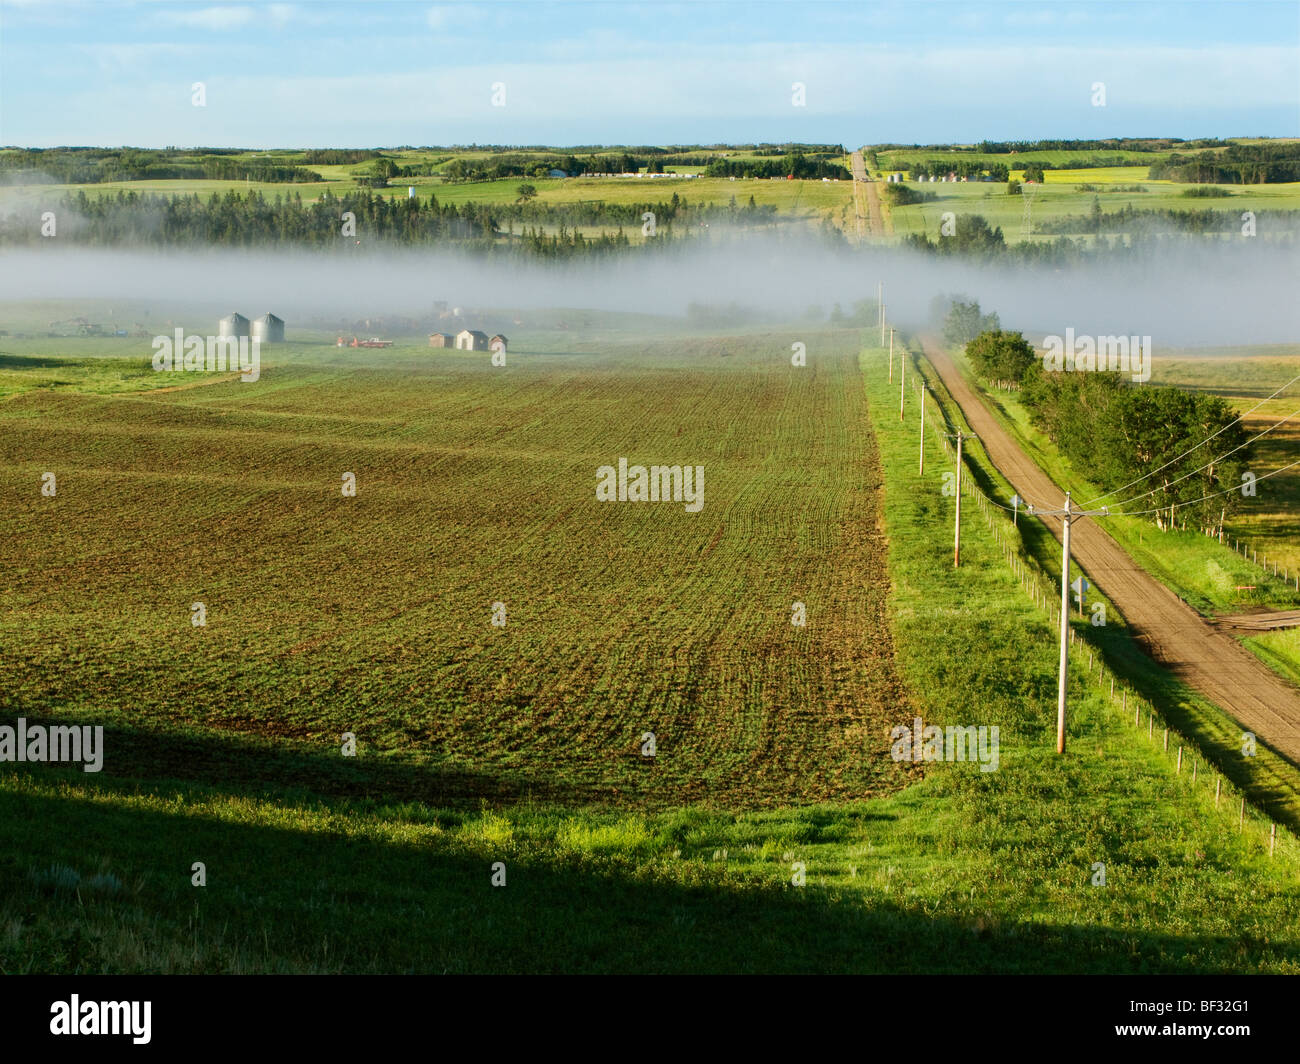 Un camino conduce al país grava el ciervo rojo Río y un crecimiento temprano de granos de cereal en el Imagen De Stock